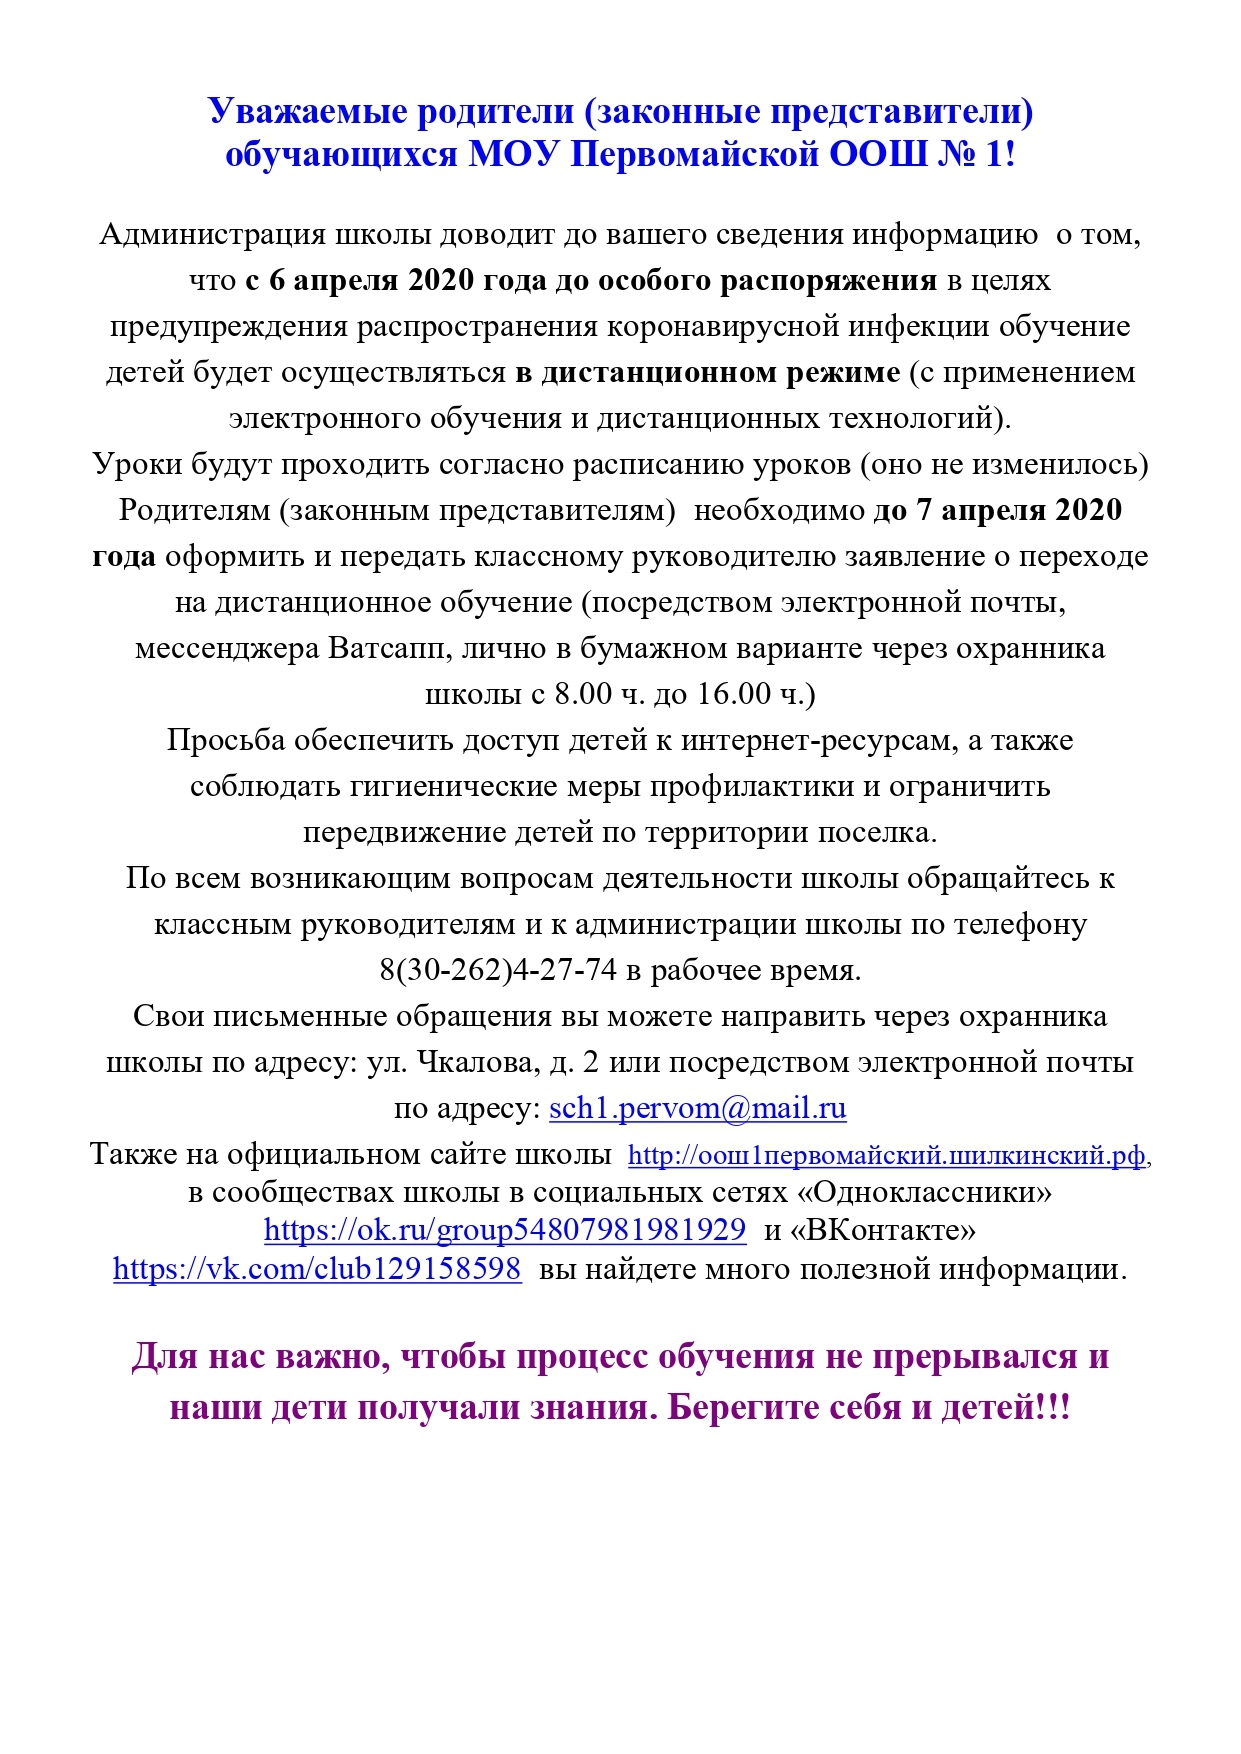 Объявление родителям обучающихся МОУ Первомайской ООШ№1